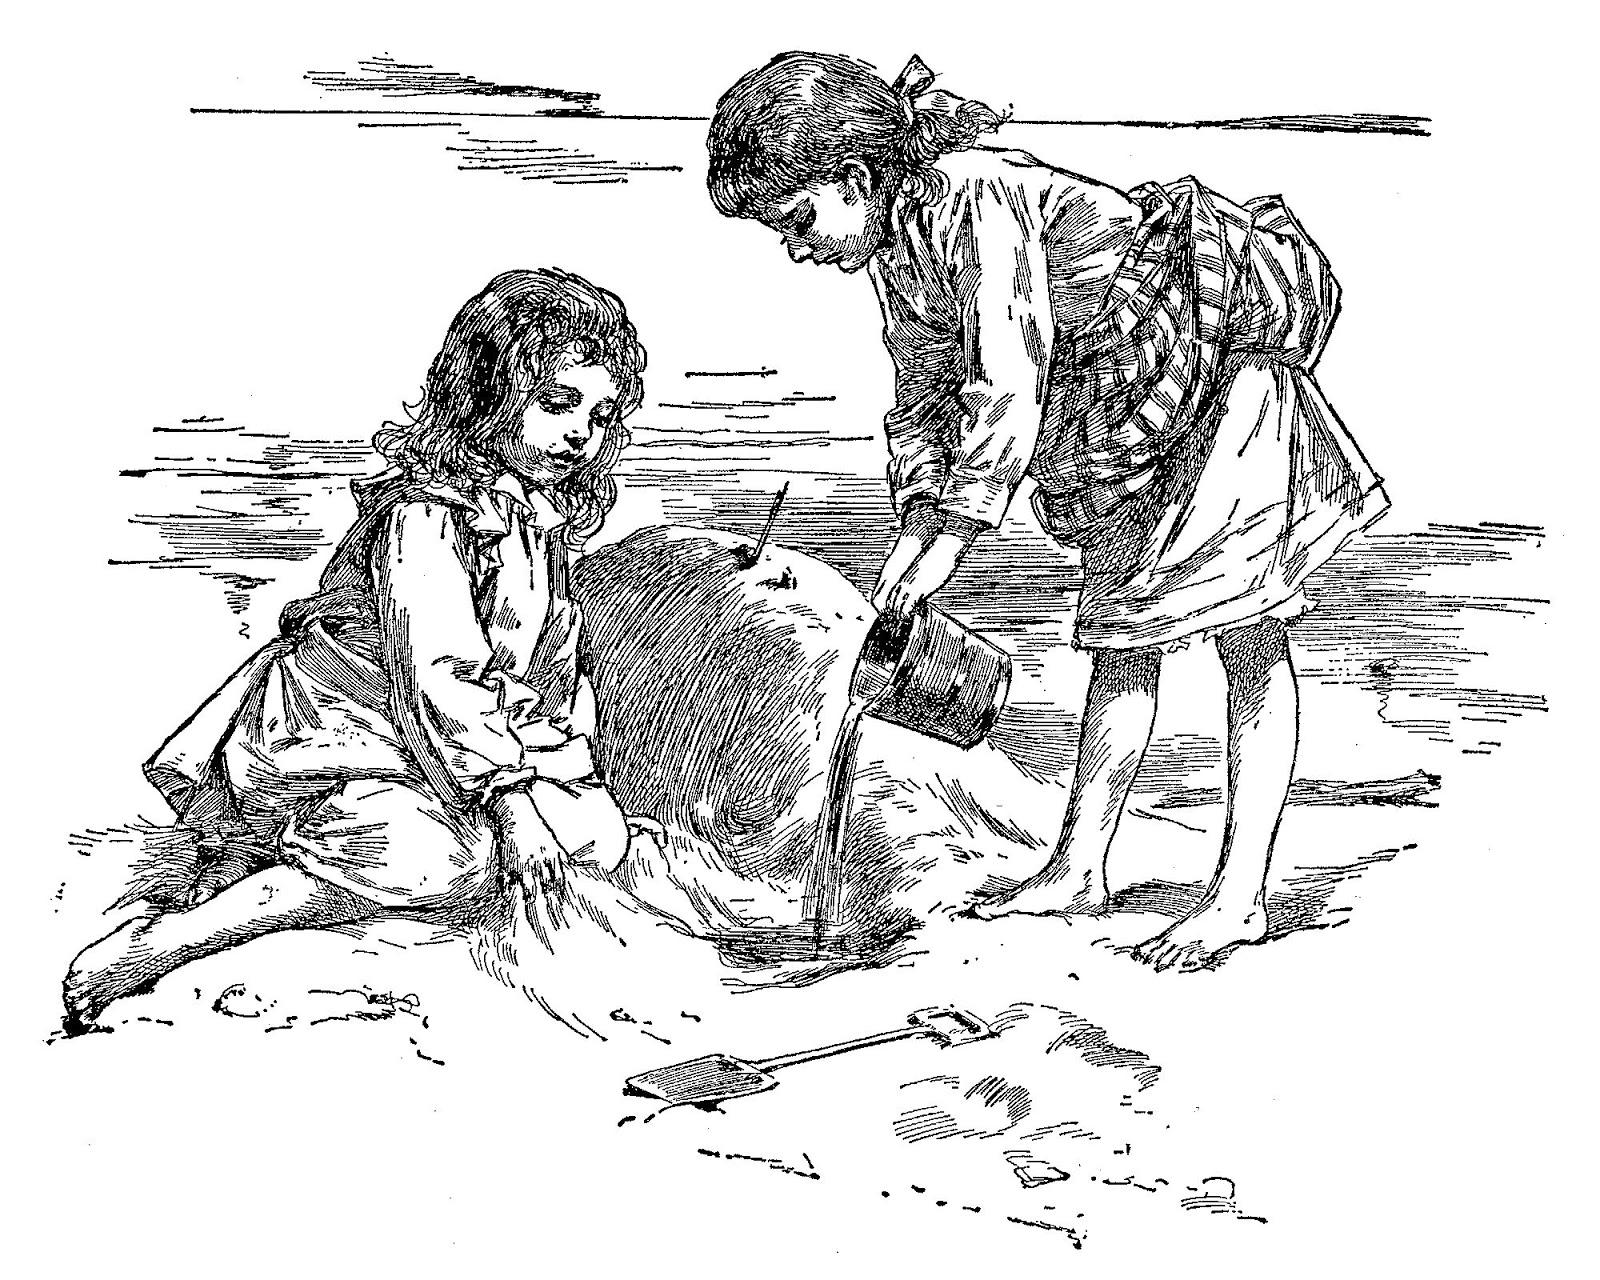 Digital Stamp Design Vintage Children Beach Play Images Toys Sand Castle Ocean Illustrations